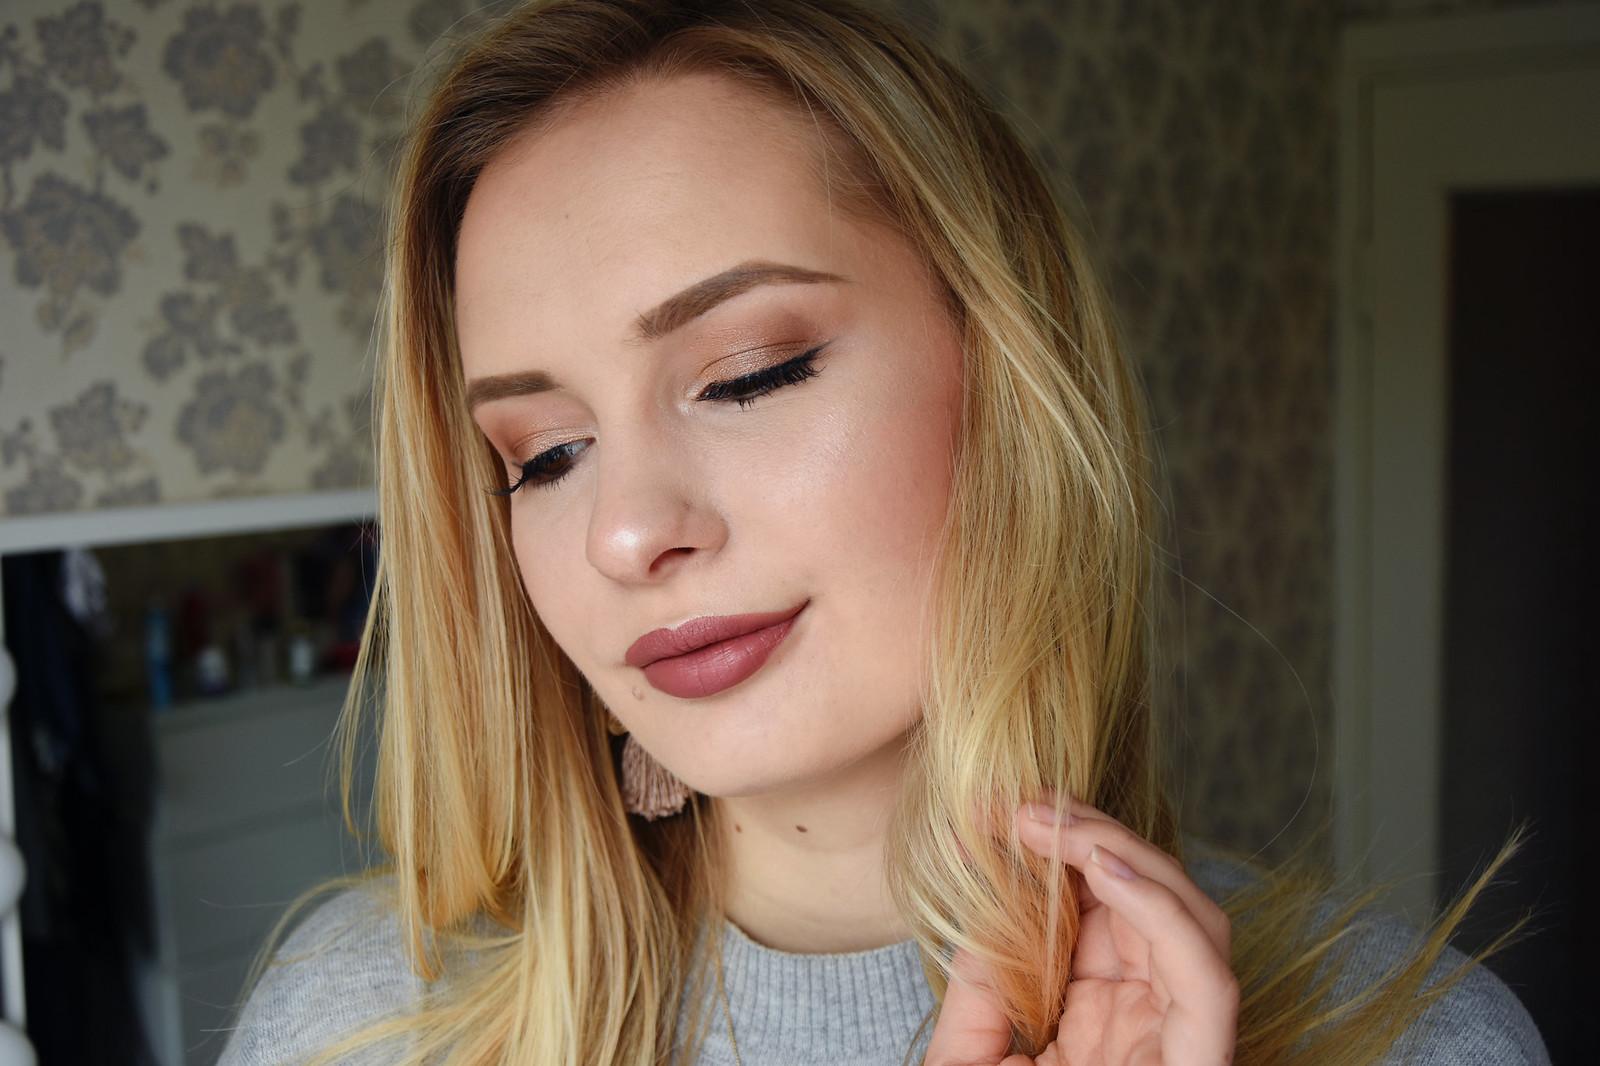 Brozne makeup look